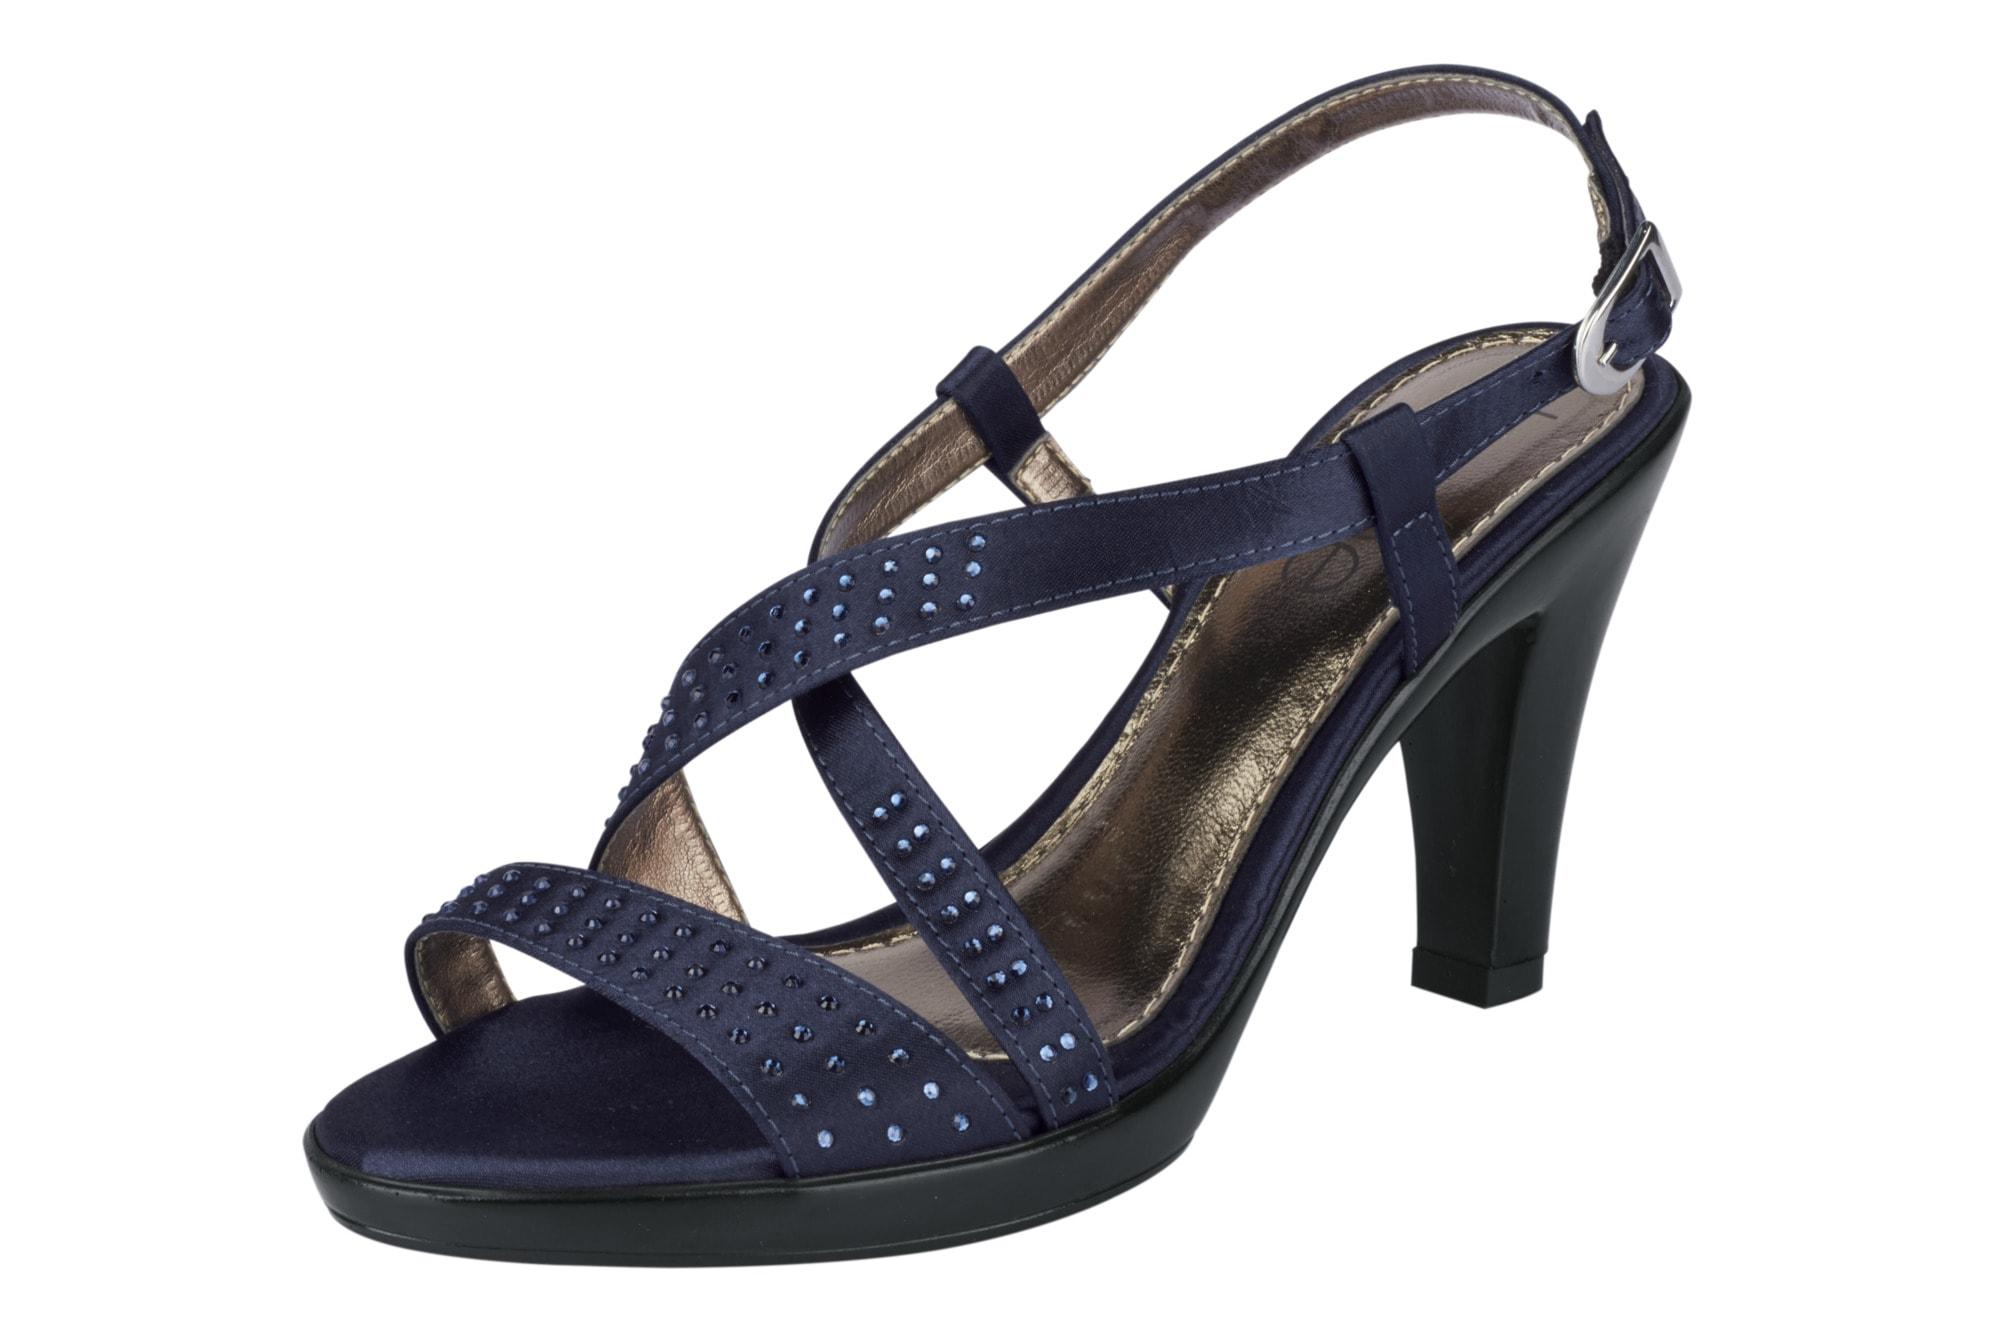 Sandalette mit Strasssteinchen Heine blau 36,37,38,39,40,41